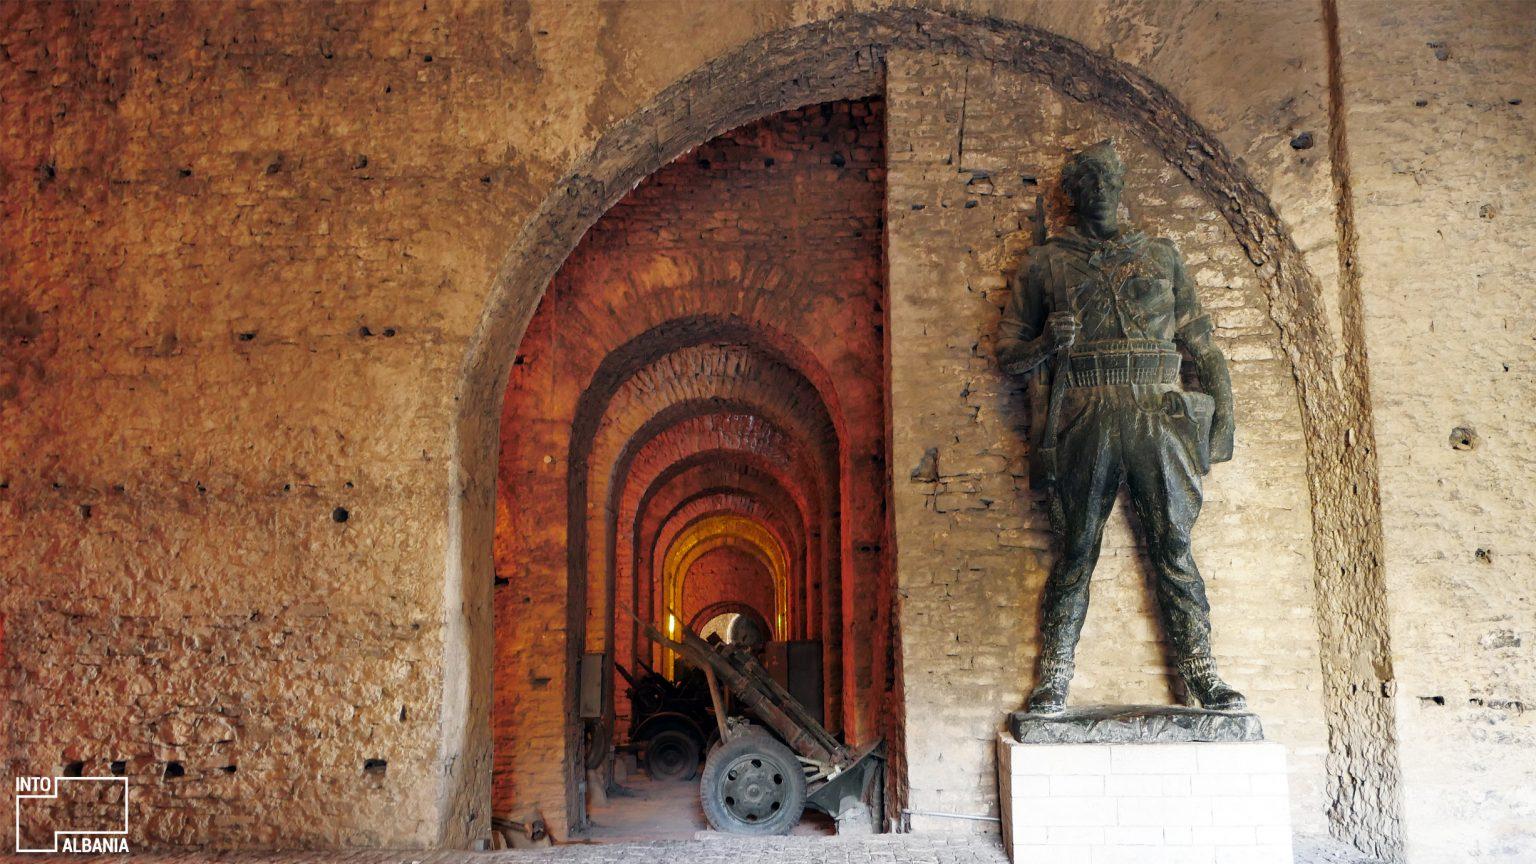 Great Gallery inside Castle of Gjirokastra, photo by IntoAlbania